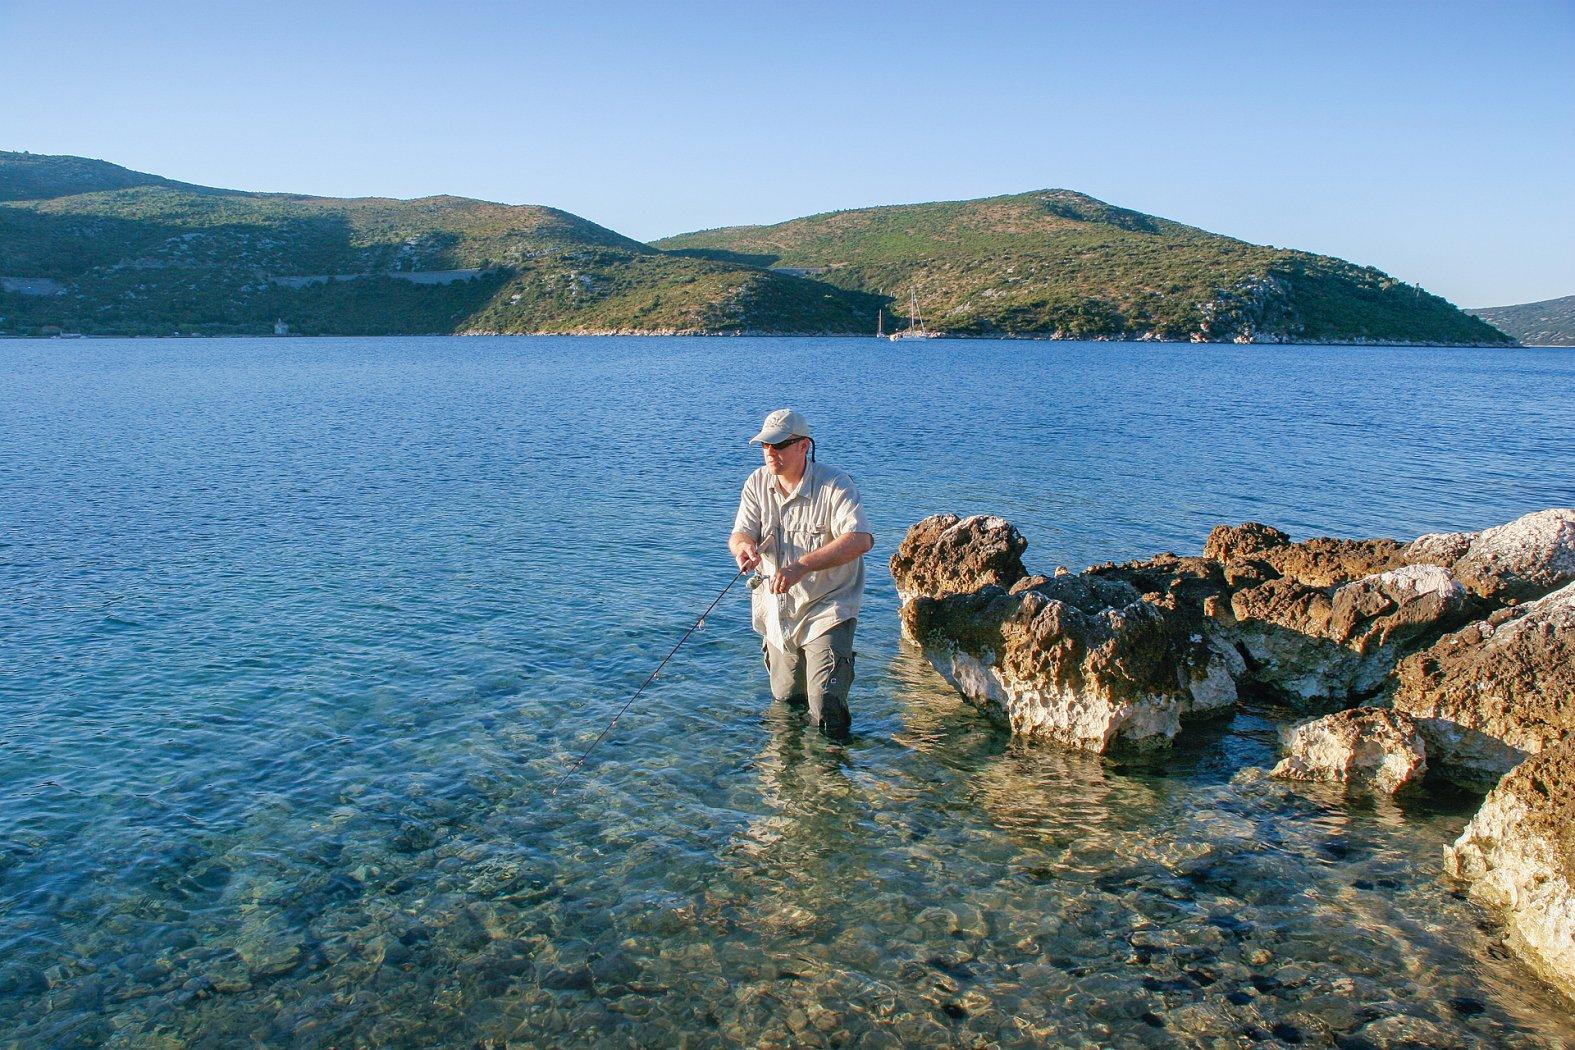 Spinnfischen am Mittelmeer